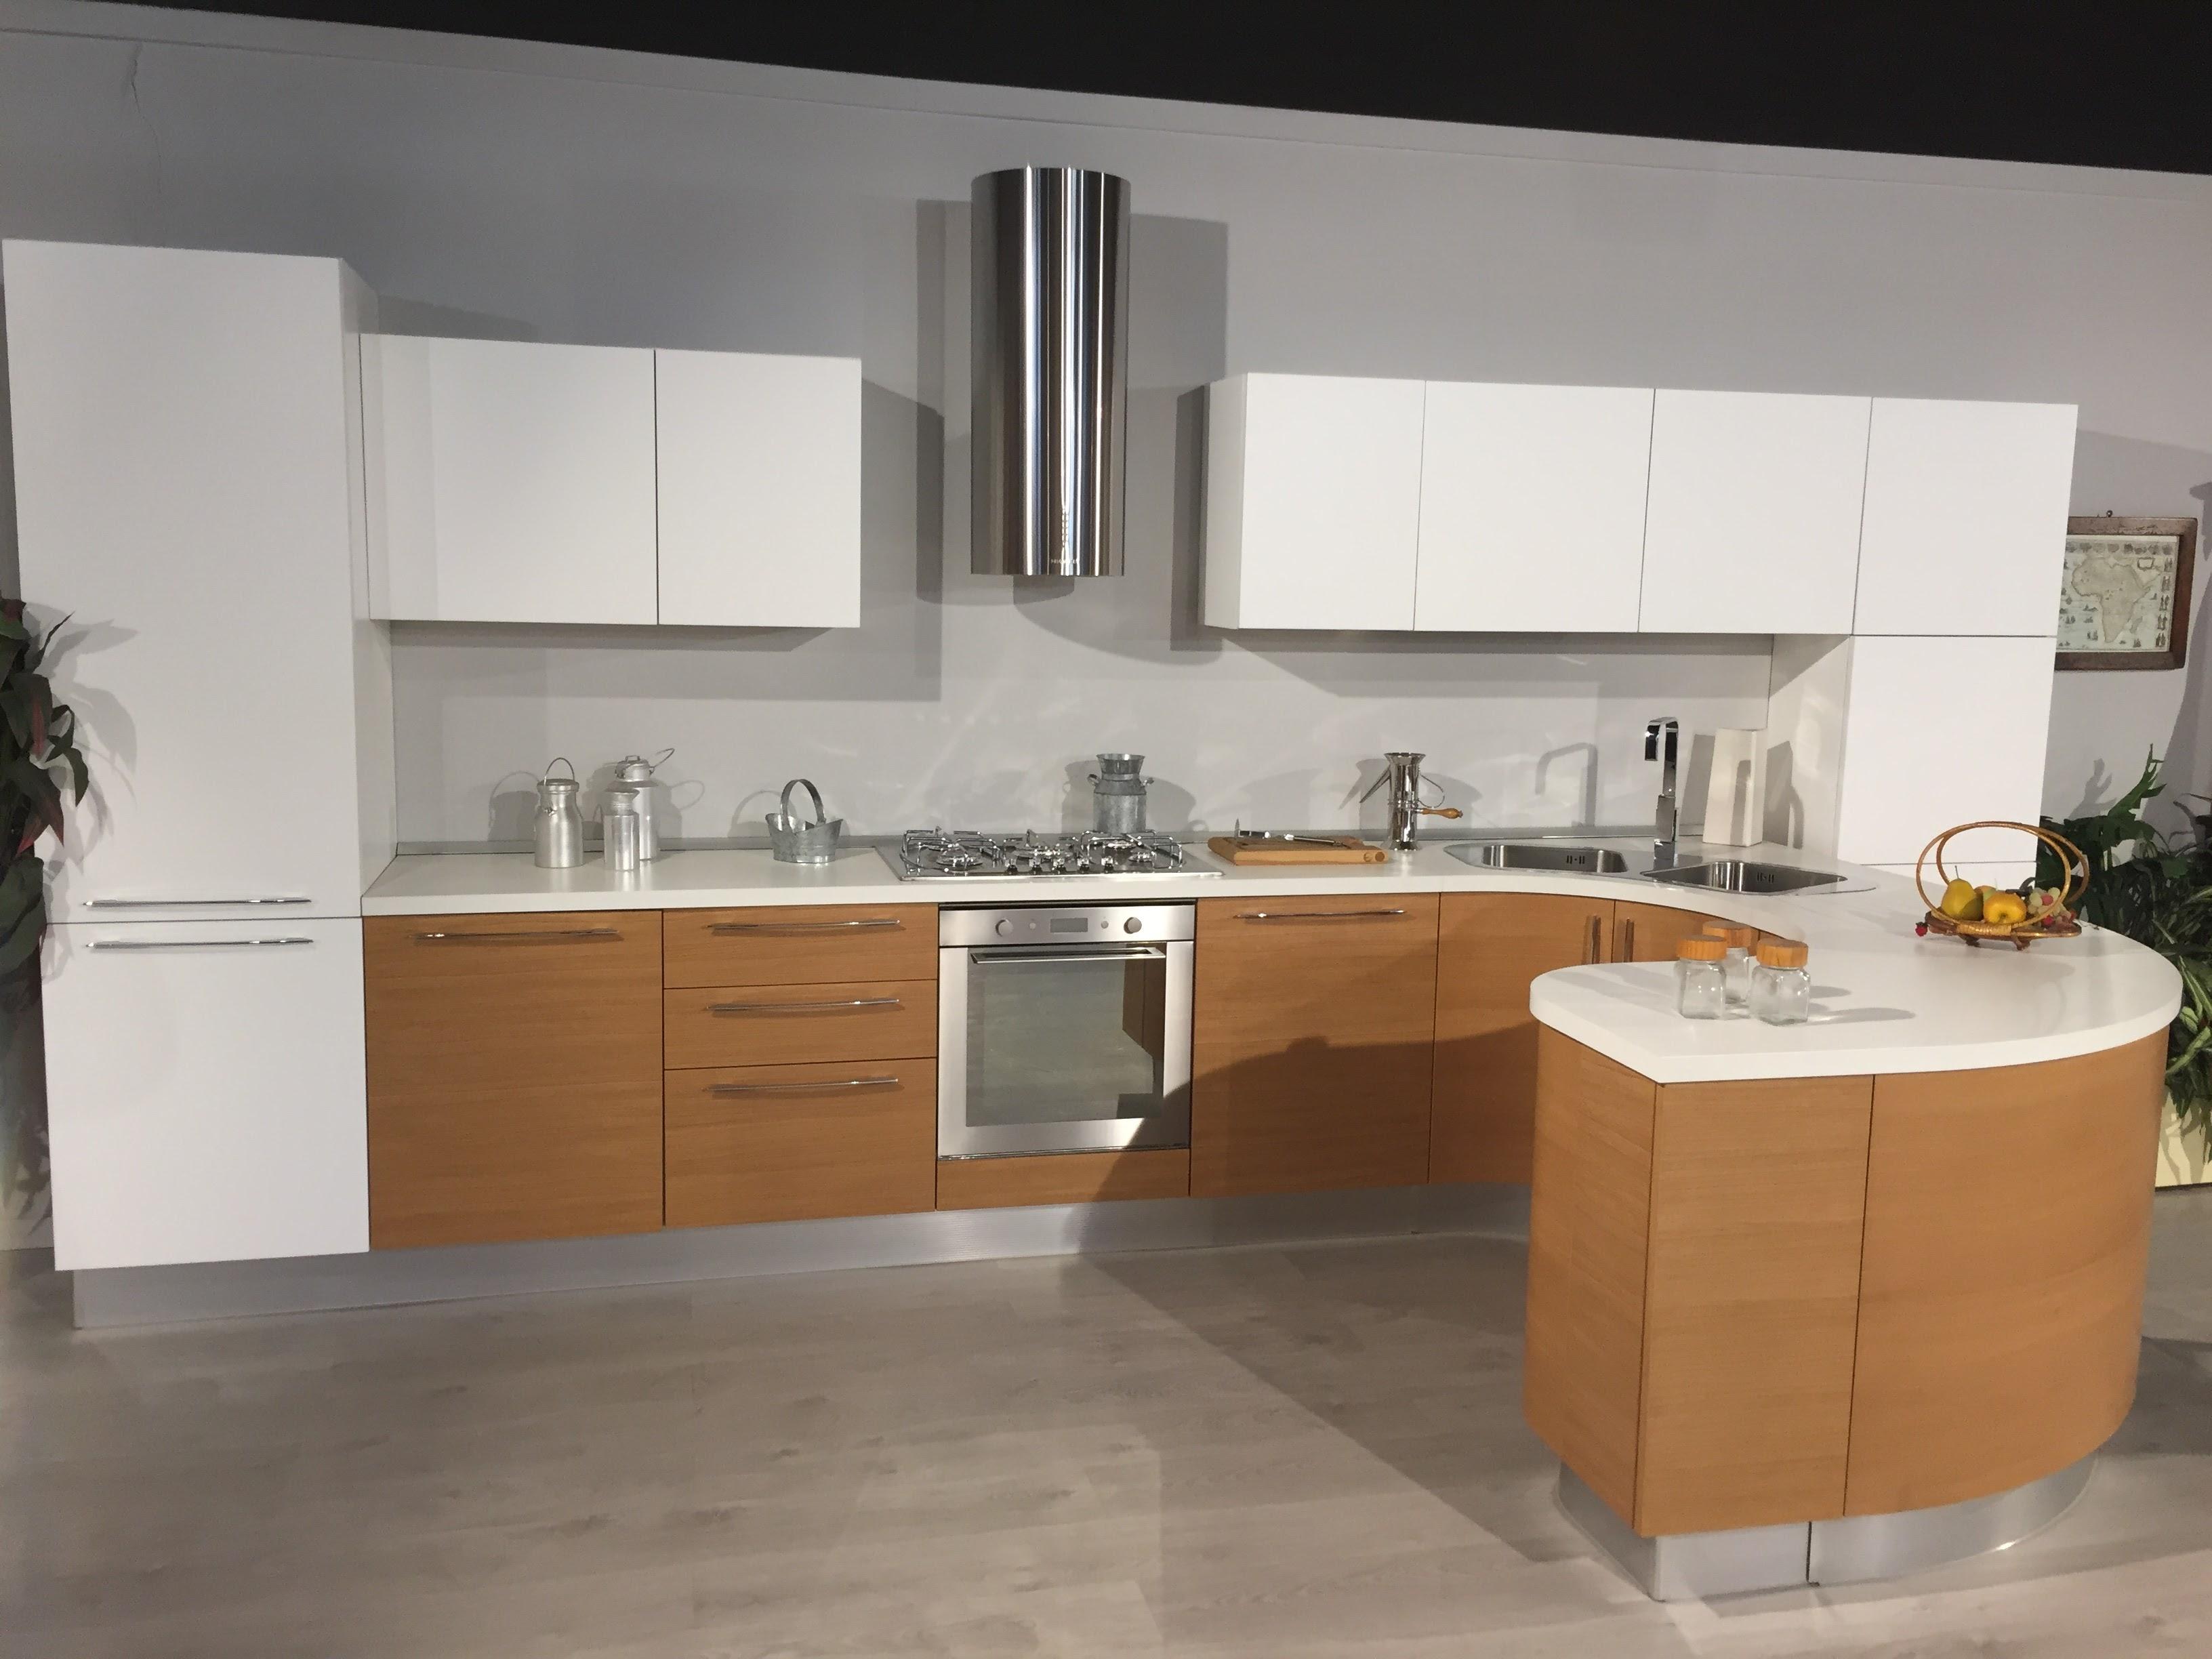 Cucina moderna lineare con penisola tonda modello zen for Prezzi cucine con penisola